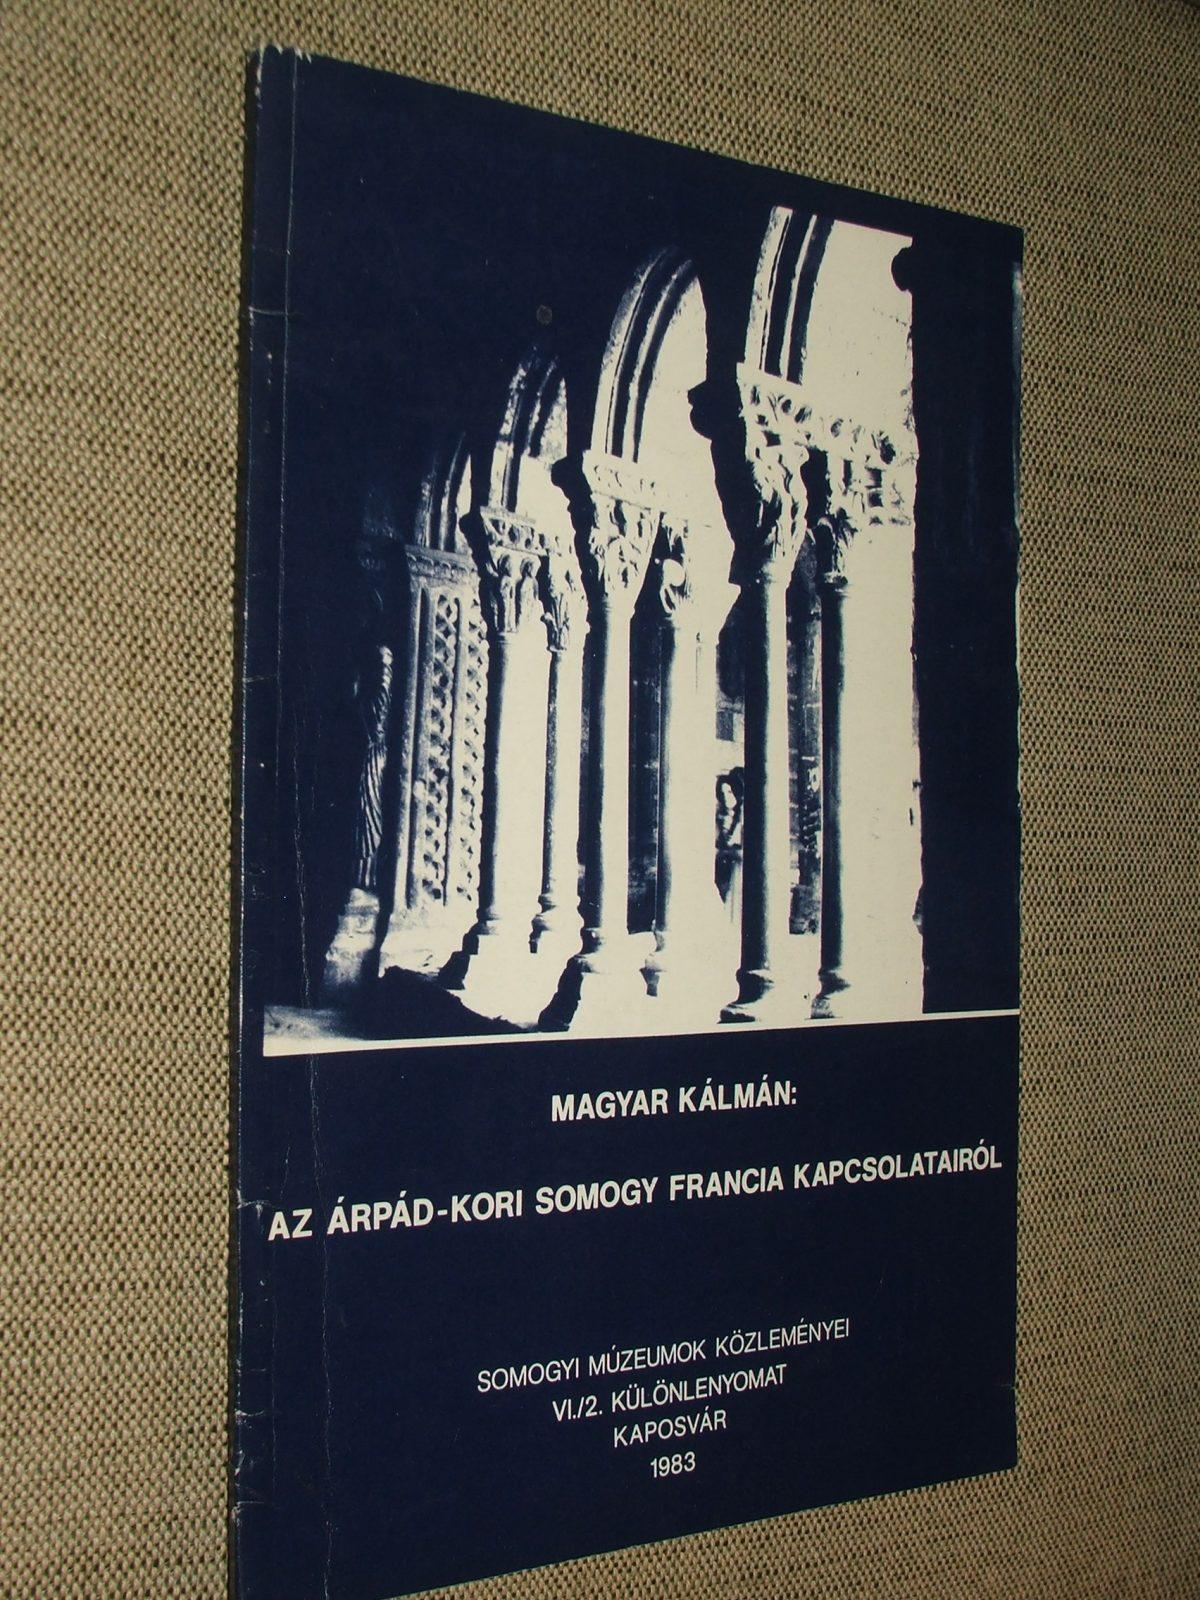 MAGYAR Kálmán: Az Árpád-kori Somogy francia kapcsolatairól